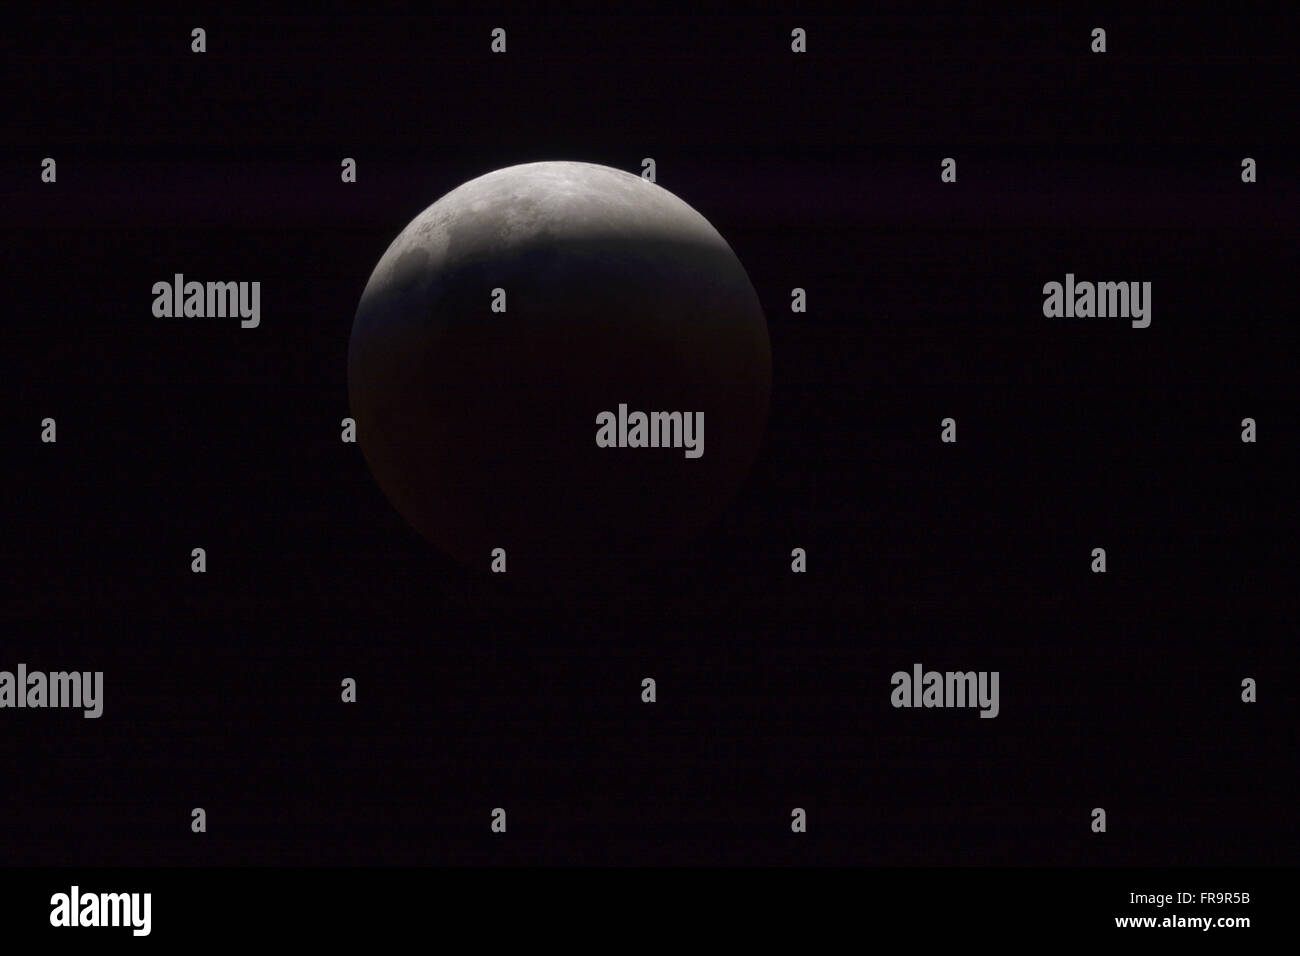 Eclipse total da lua em sua etapa final - Stock Image